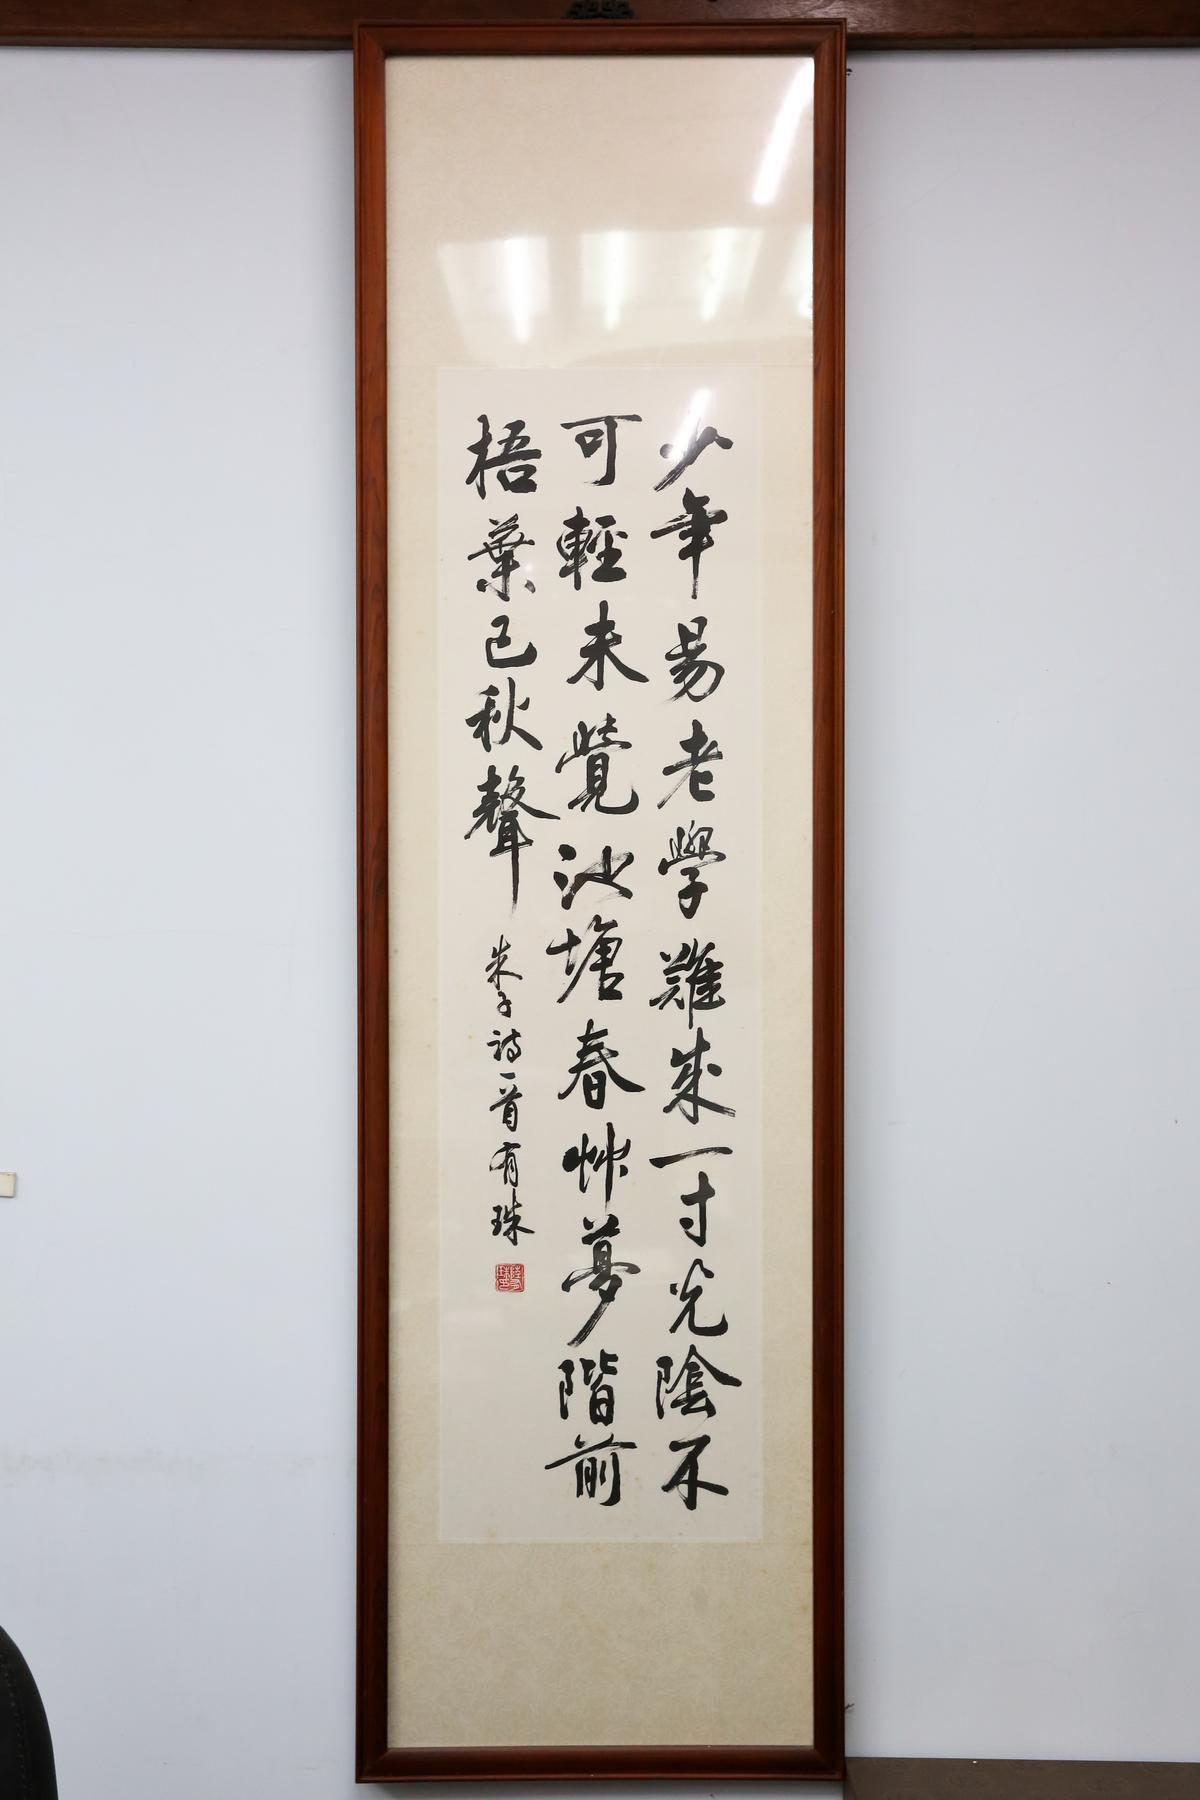 朱熹的詩〈偶成〉,被莊英堯的父親拿來當成家訓。